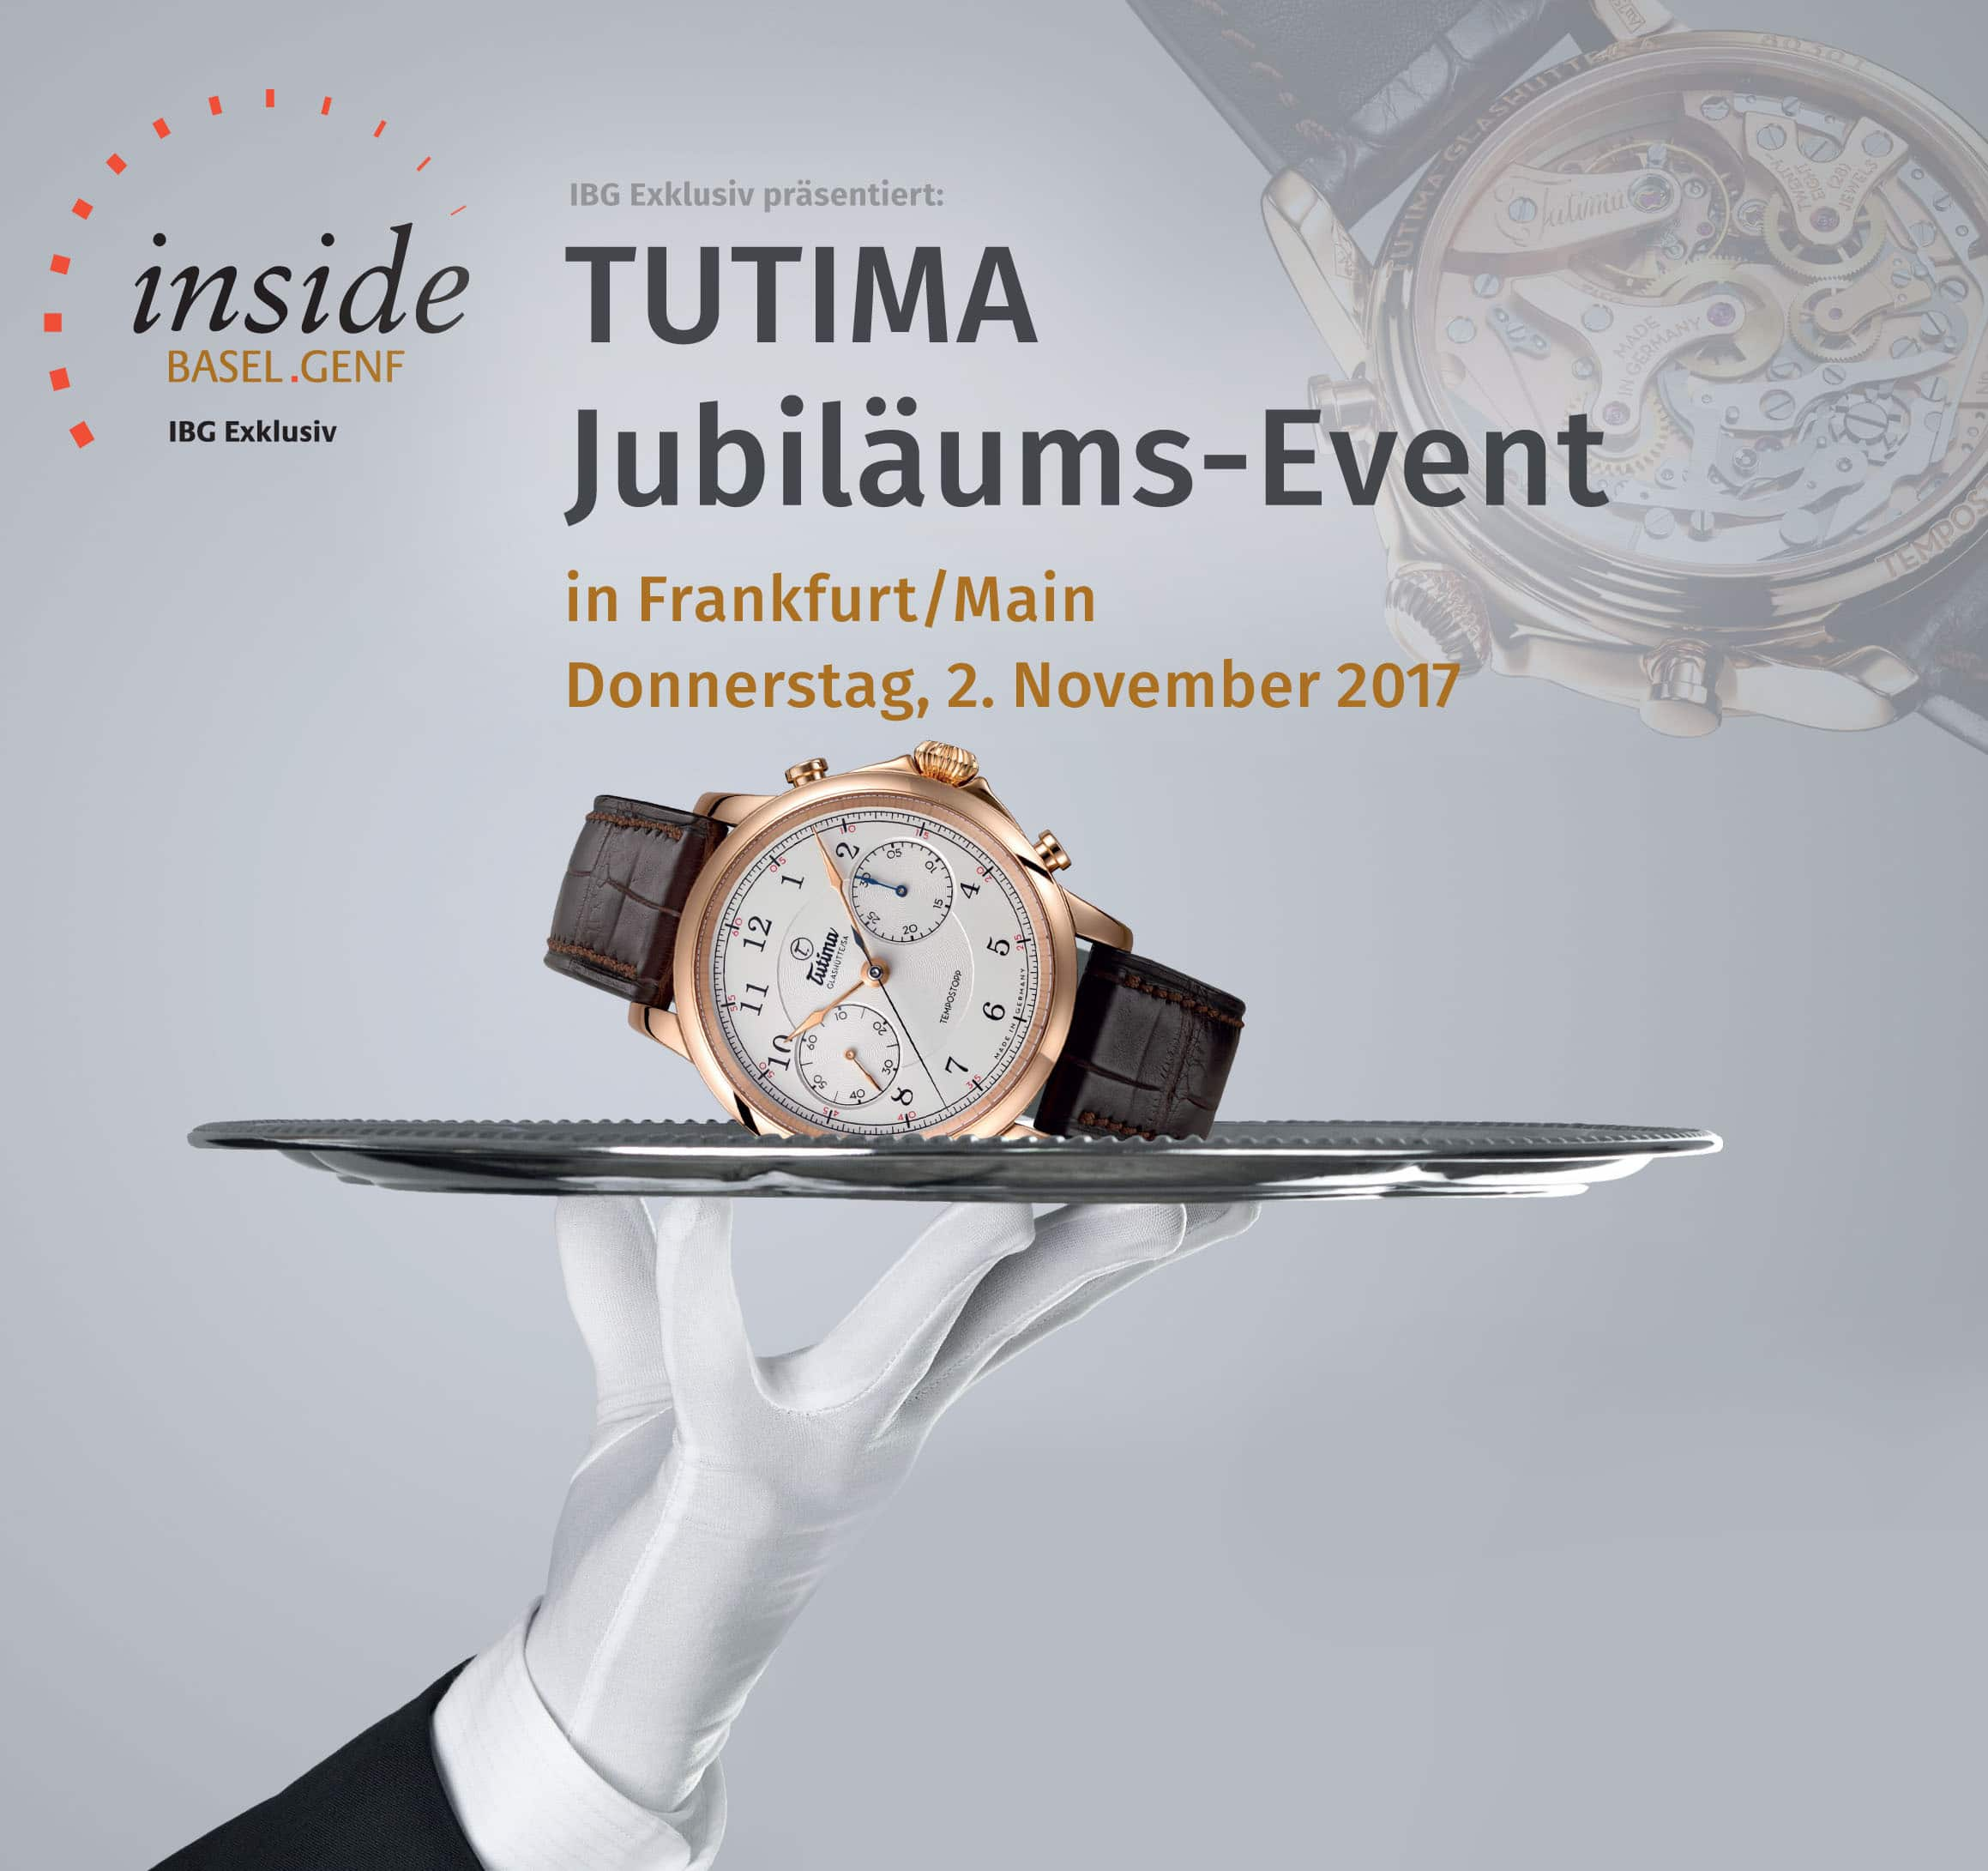 IBG Exklusiv: Tutima-Jubiläumsevent